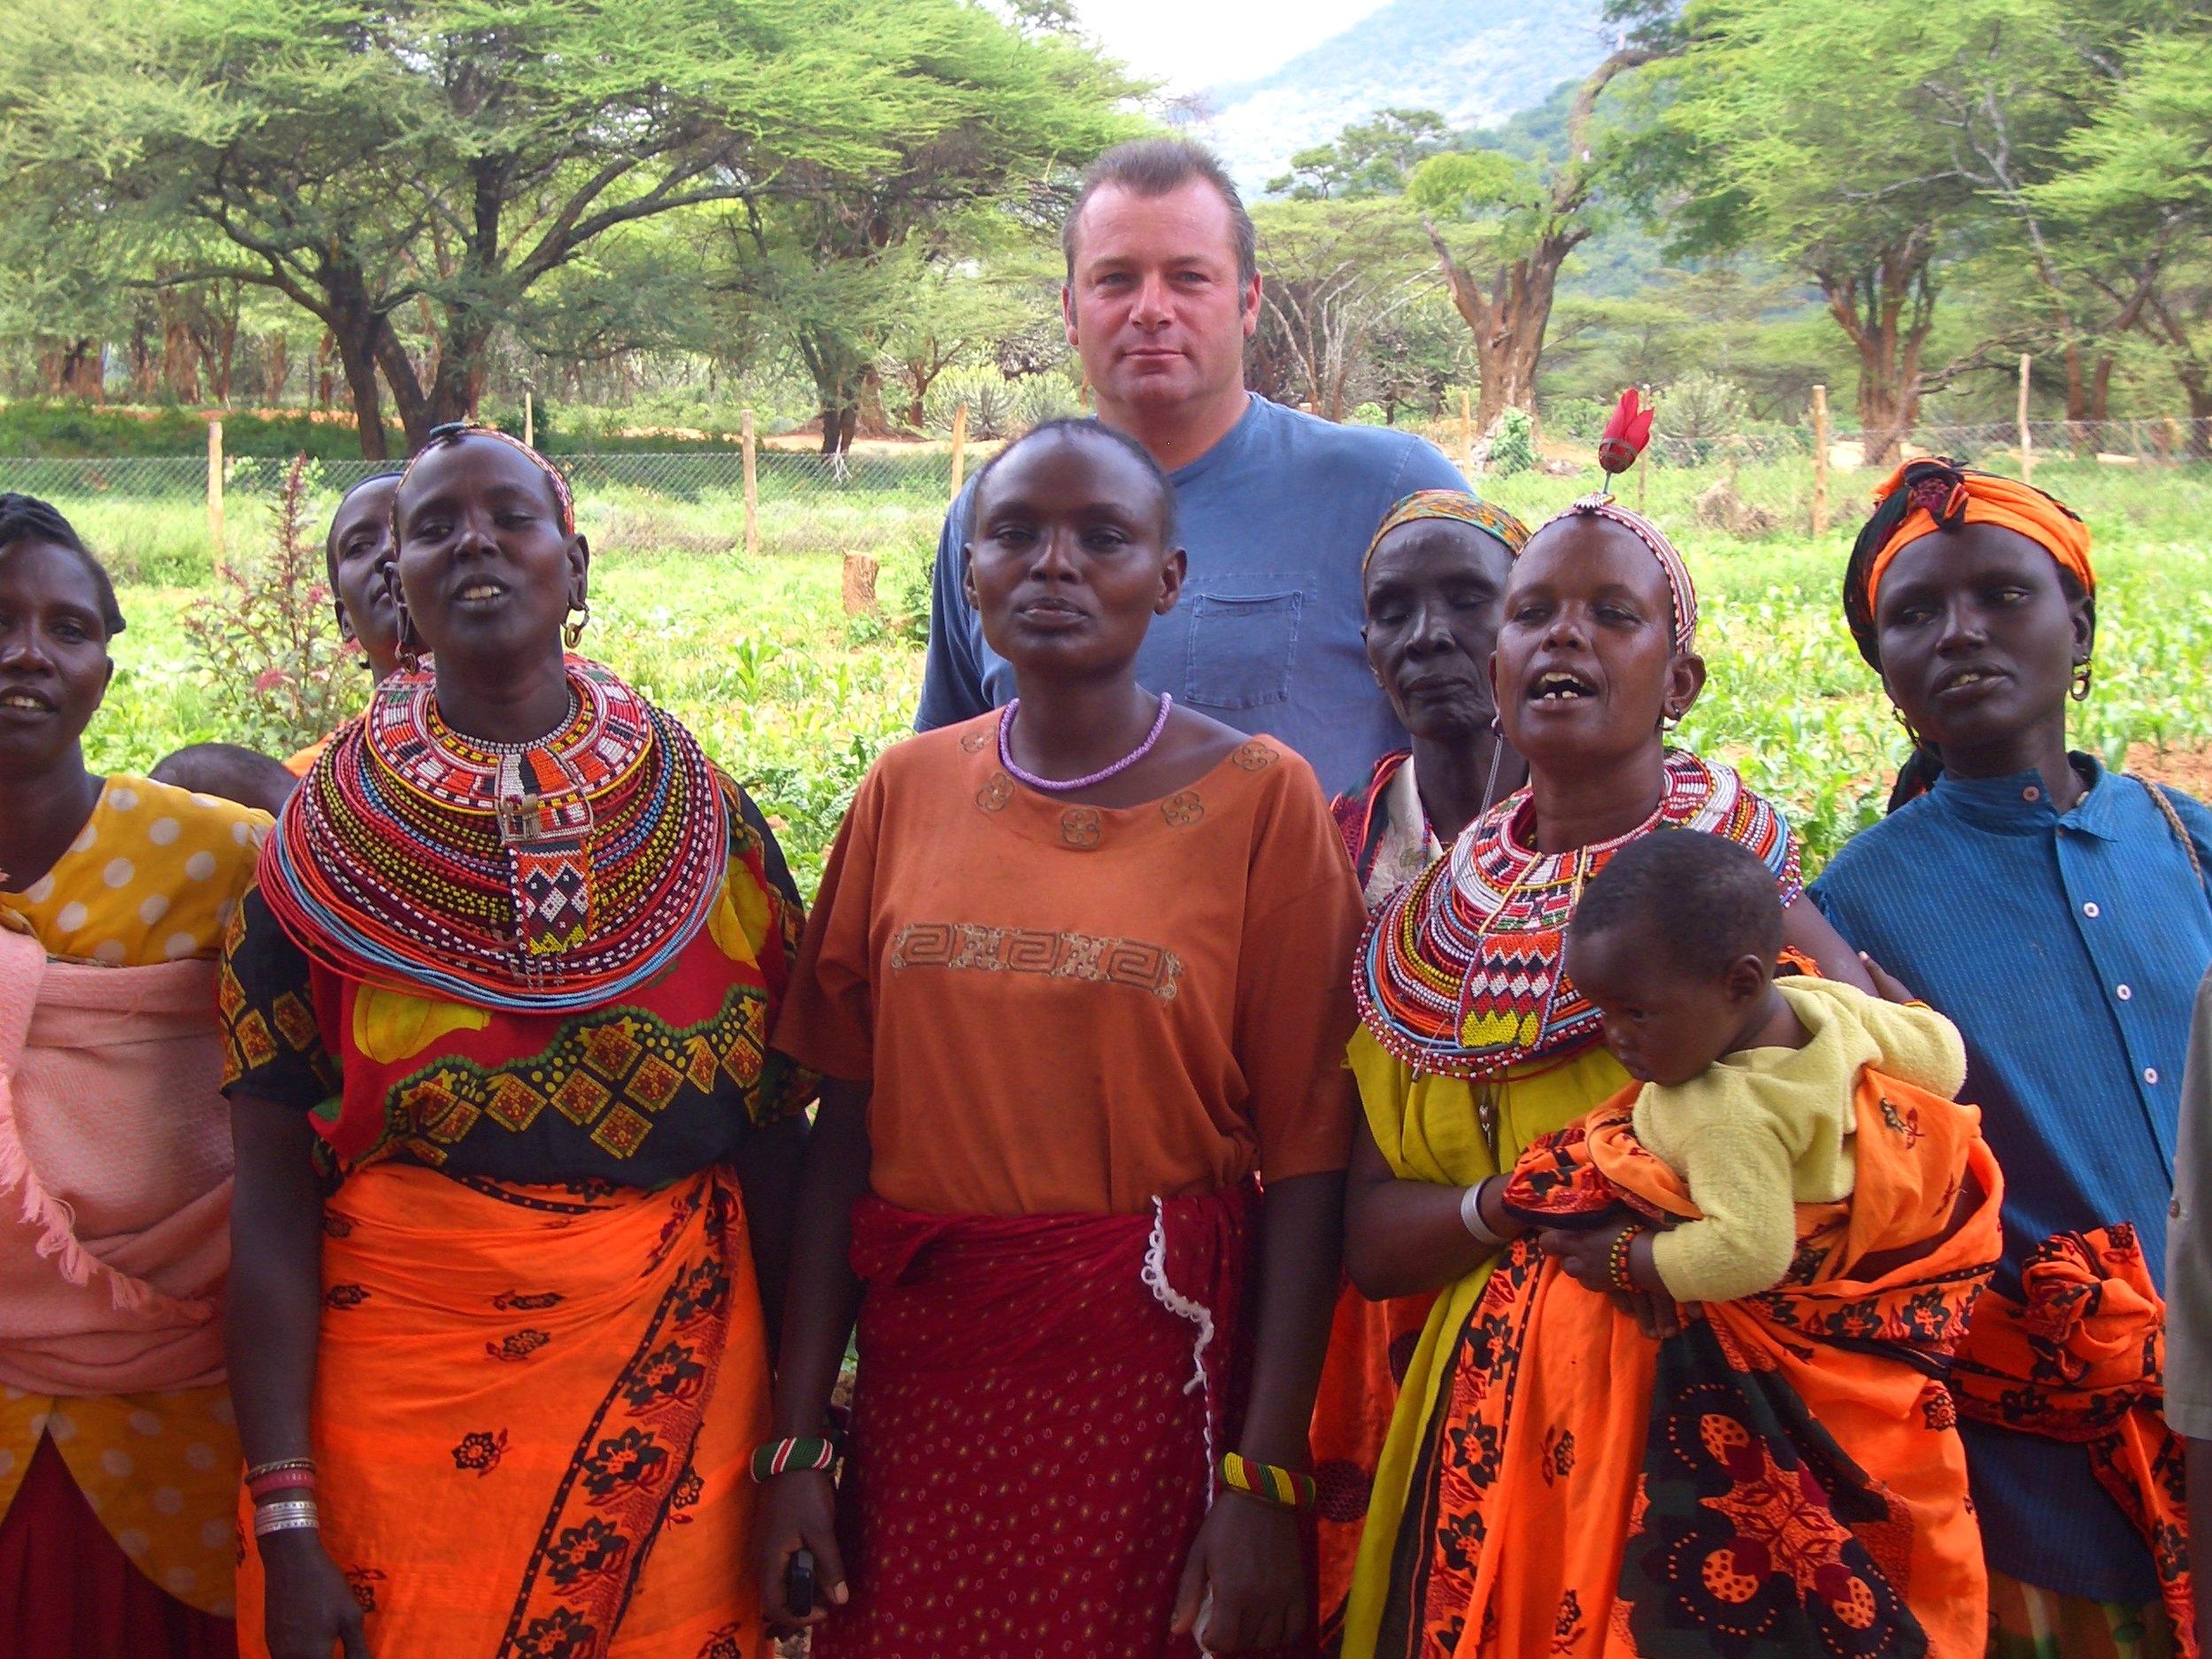 Mike Rossi, The Samburu Project Board Member Emeritus